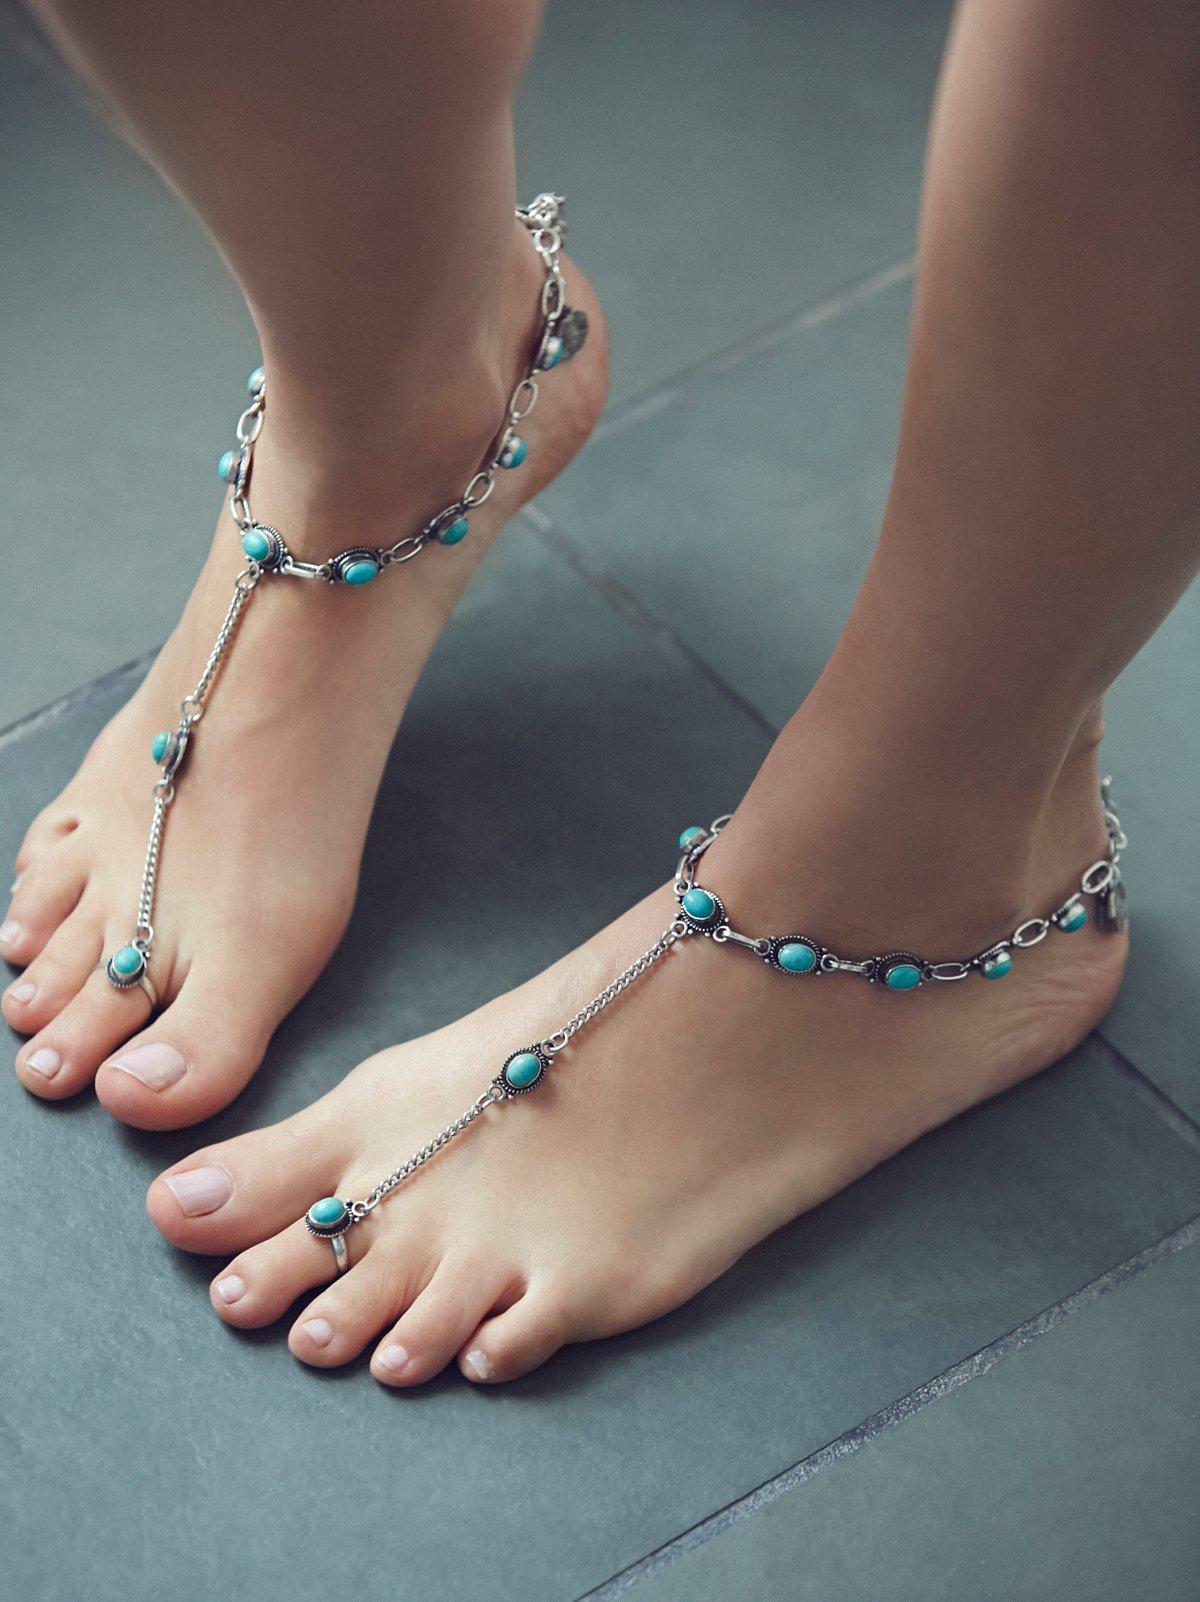 Traveler Barefoot凉鞋